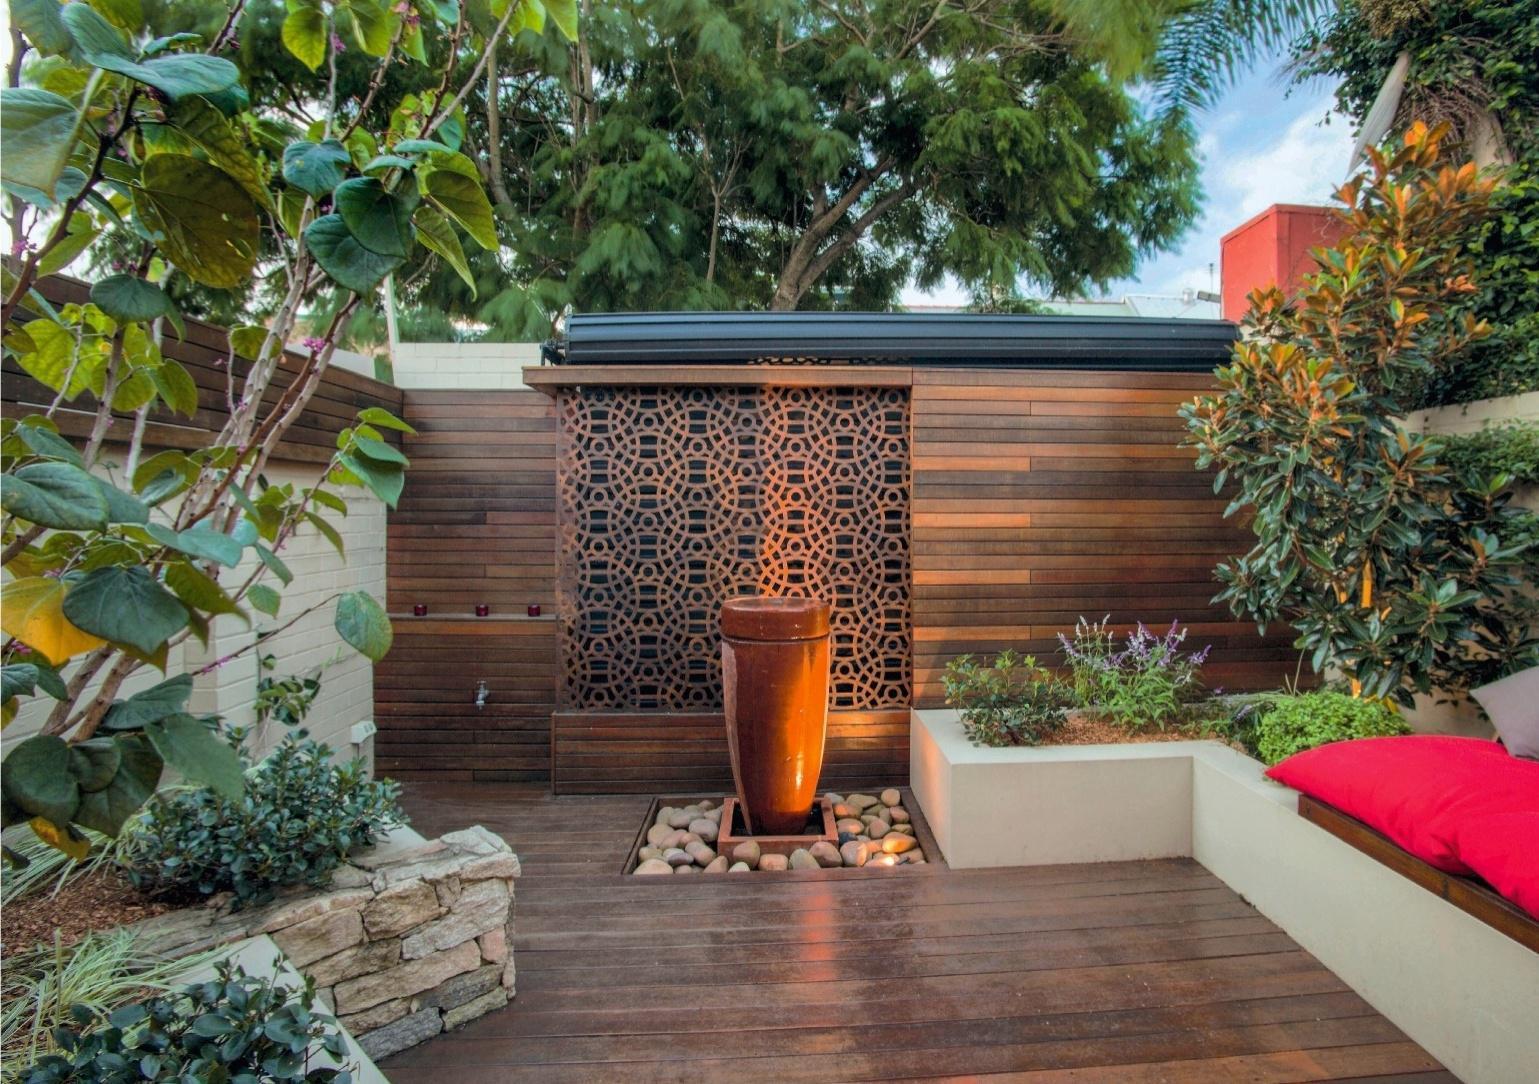 Texte : Catherine Delvaux Photos : GAP Photos/Brent Wilson/ Steve Warner - Outhouse Design,> Plus d'idées pour aménager sa terrasse sur detentejardin.com